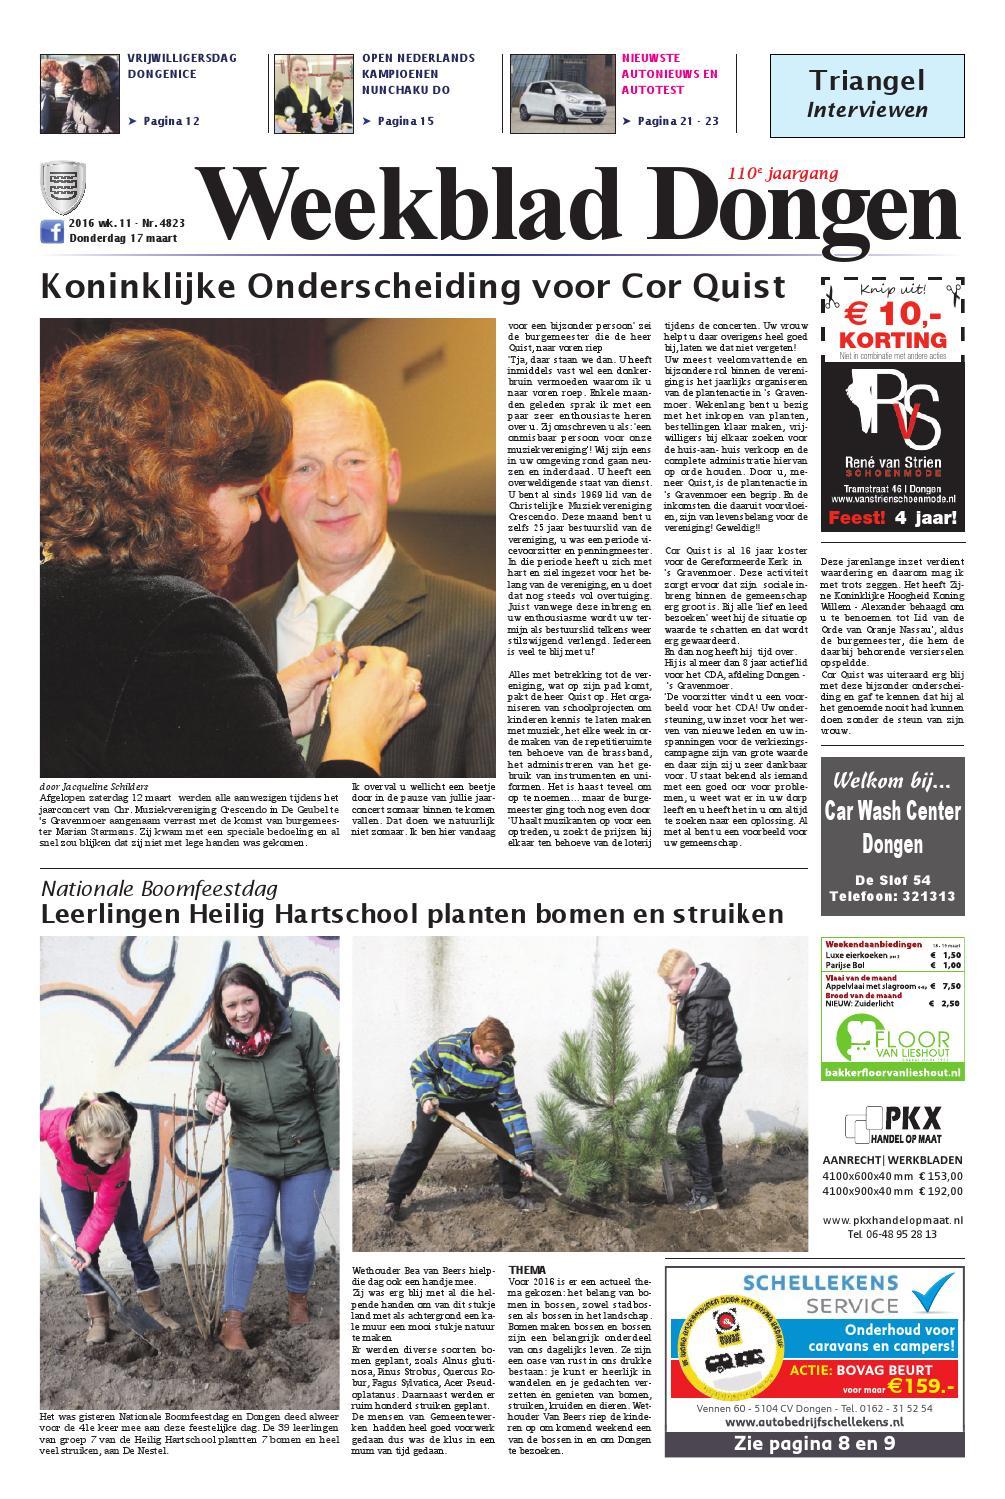 Weekblad Dongen 17 03 2016 By Uitgeverij Em De Jong Issuu